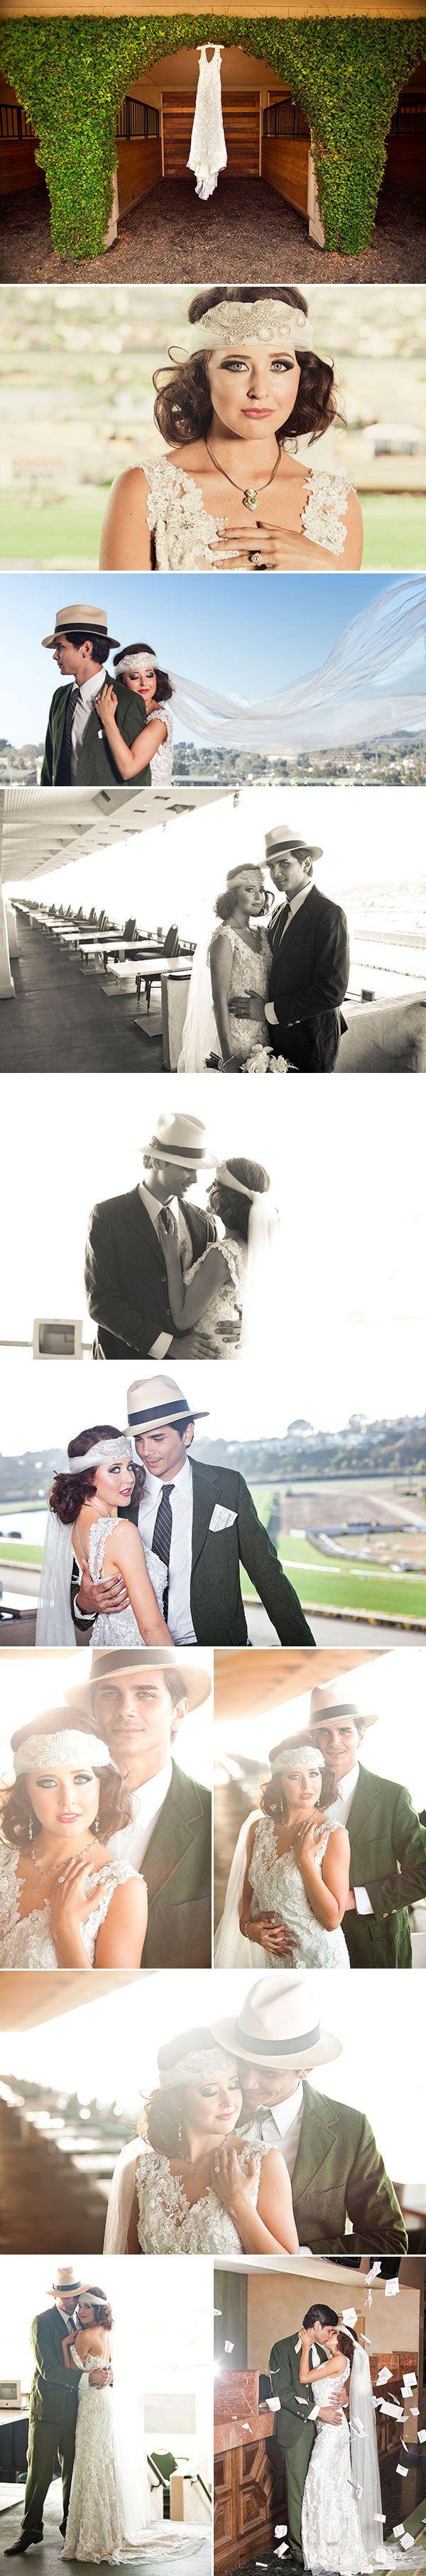 Gatsby Wedding - Great Gatsby Wedding | Wedding Planning, Ideas ...